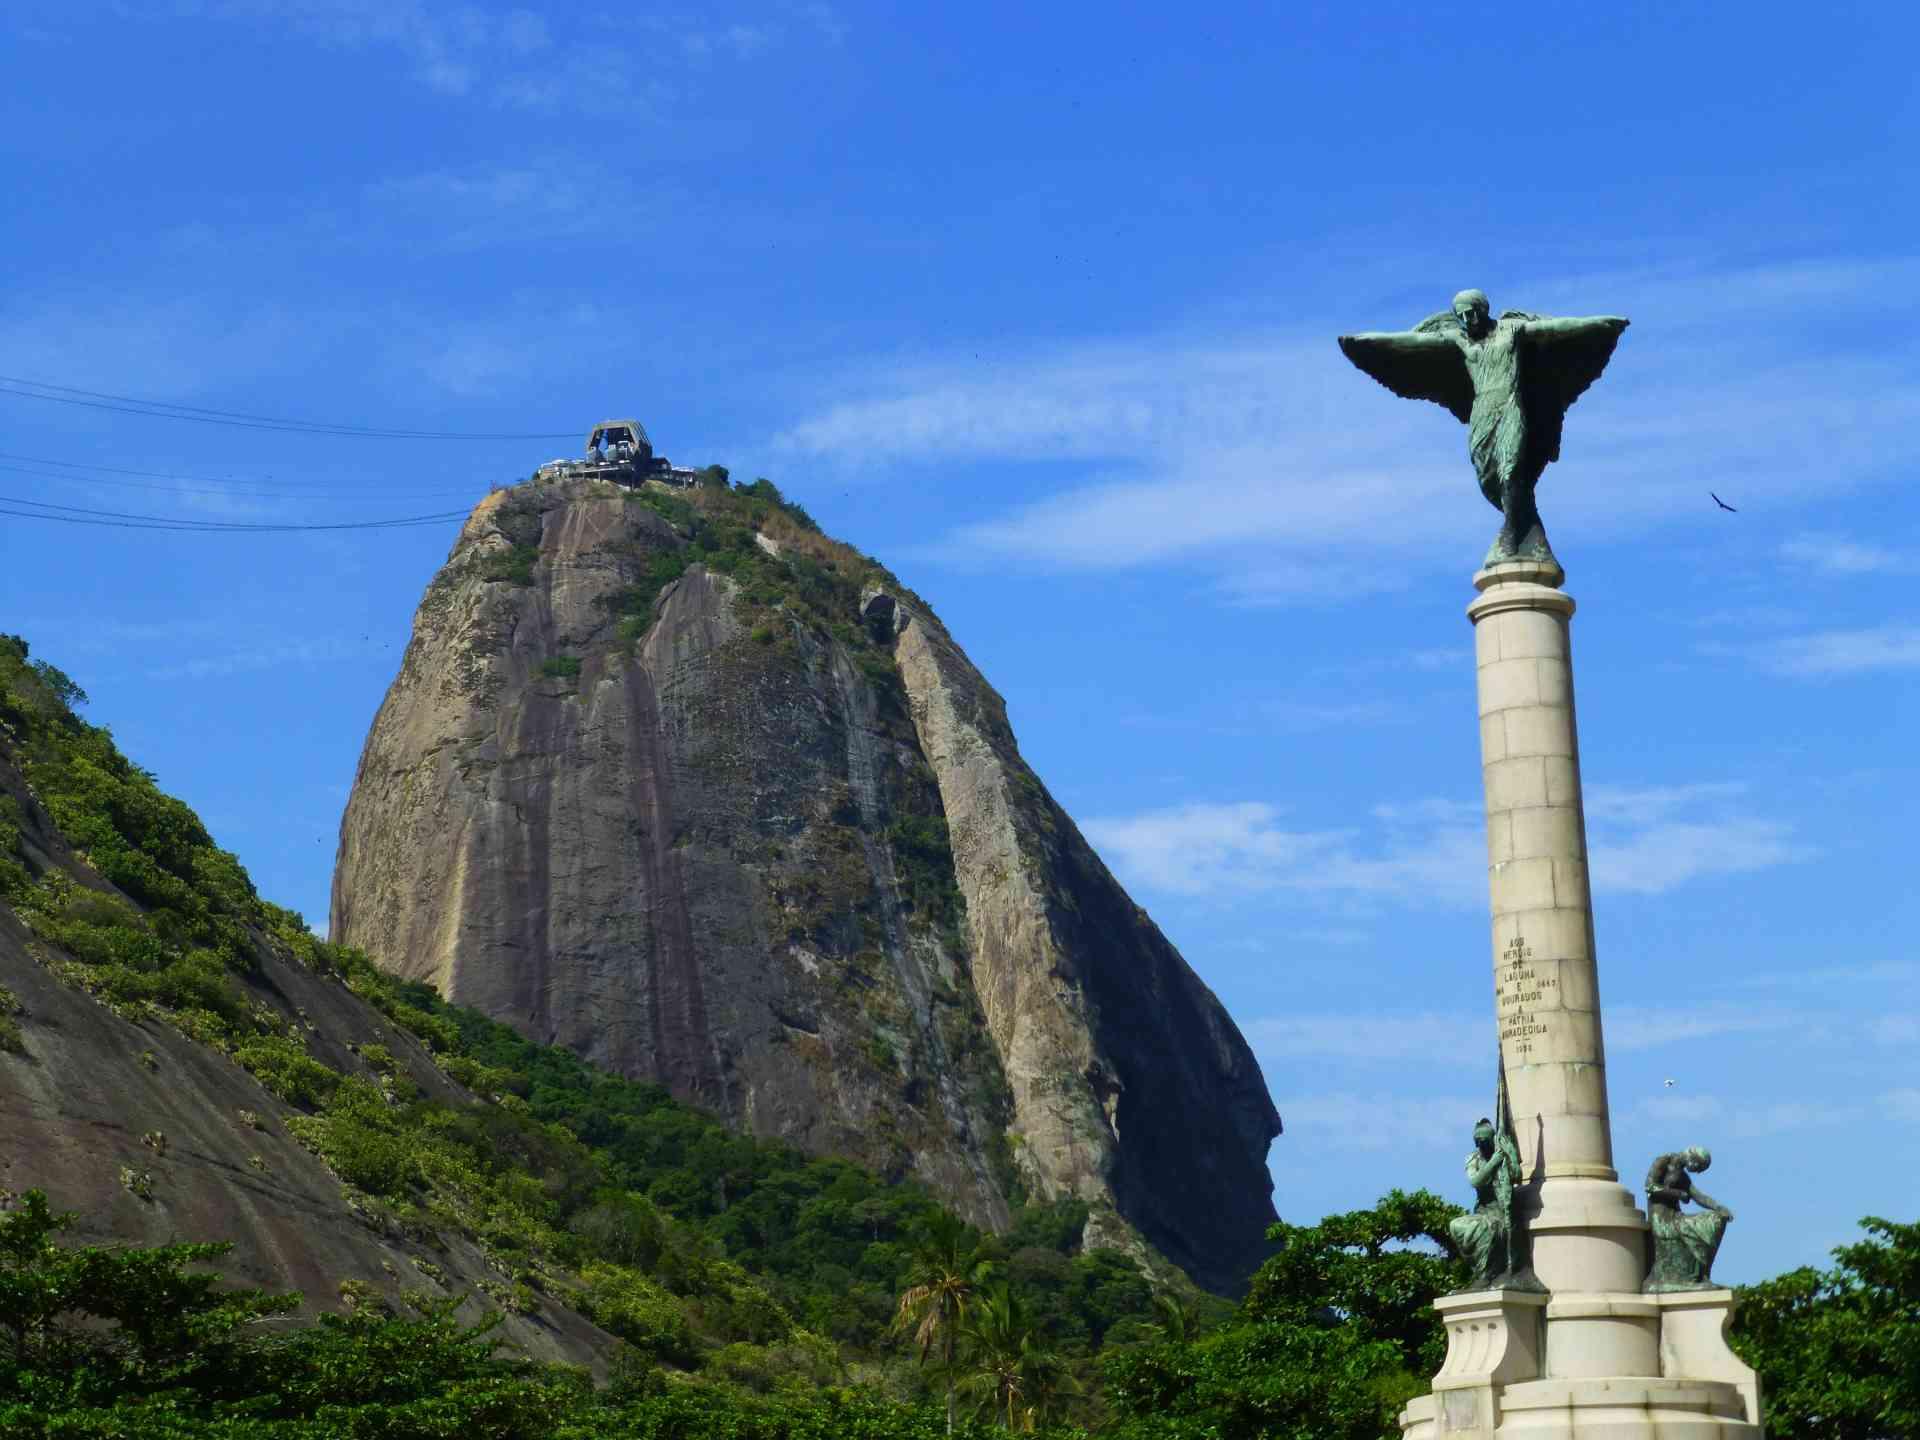 Rio de Janeiro, Brazil by Dennis Bunnik